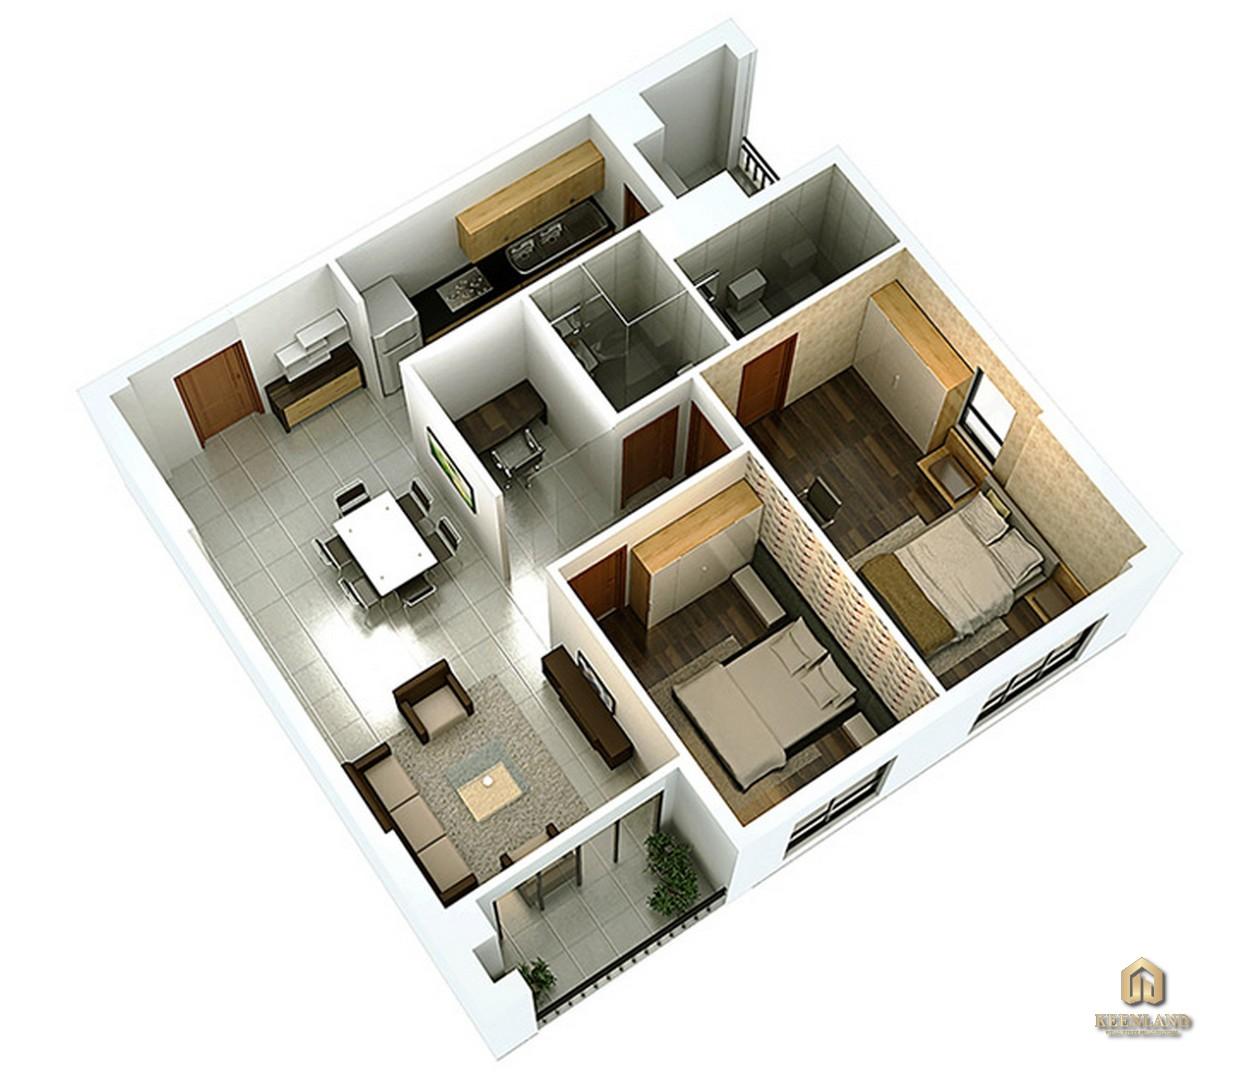 Thiết kế chi tiết căn hộ 2 phòng ngủ và 1 phòng đa năng